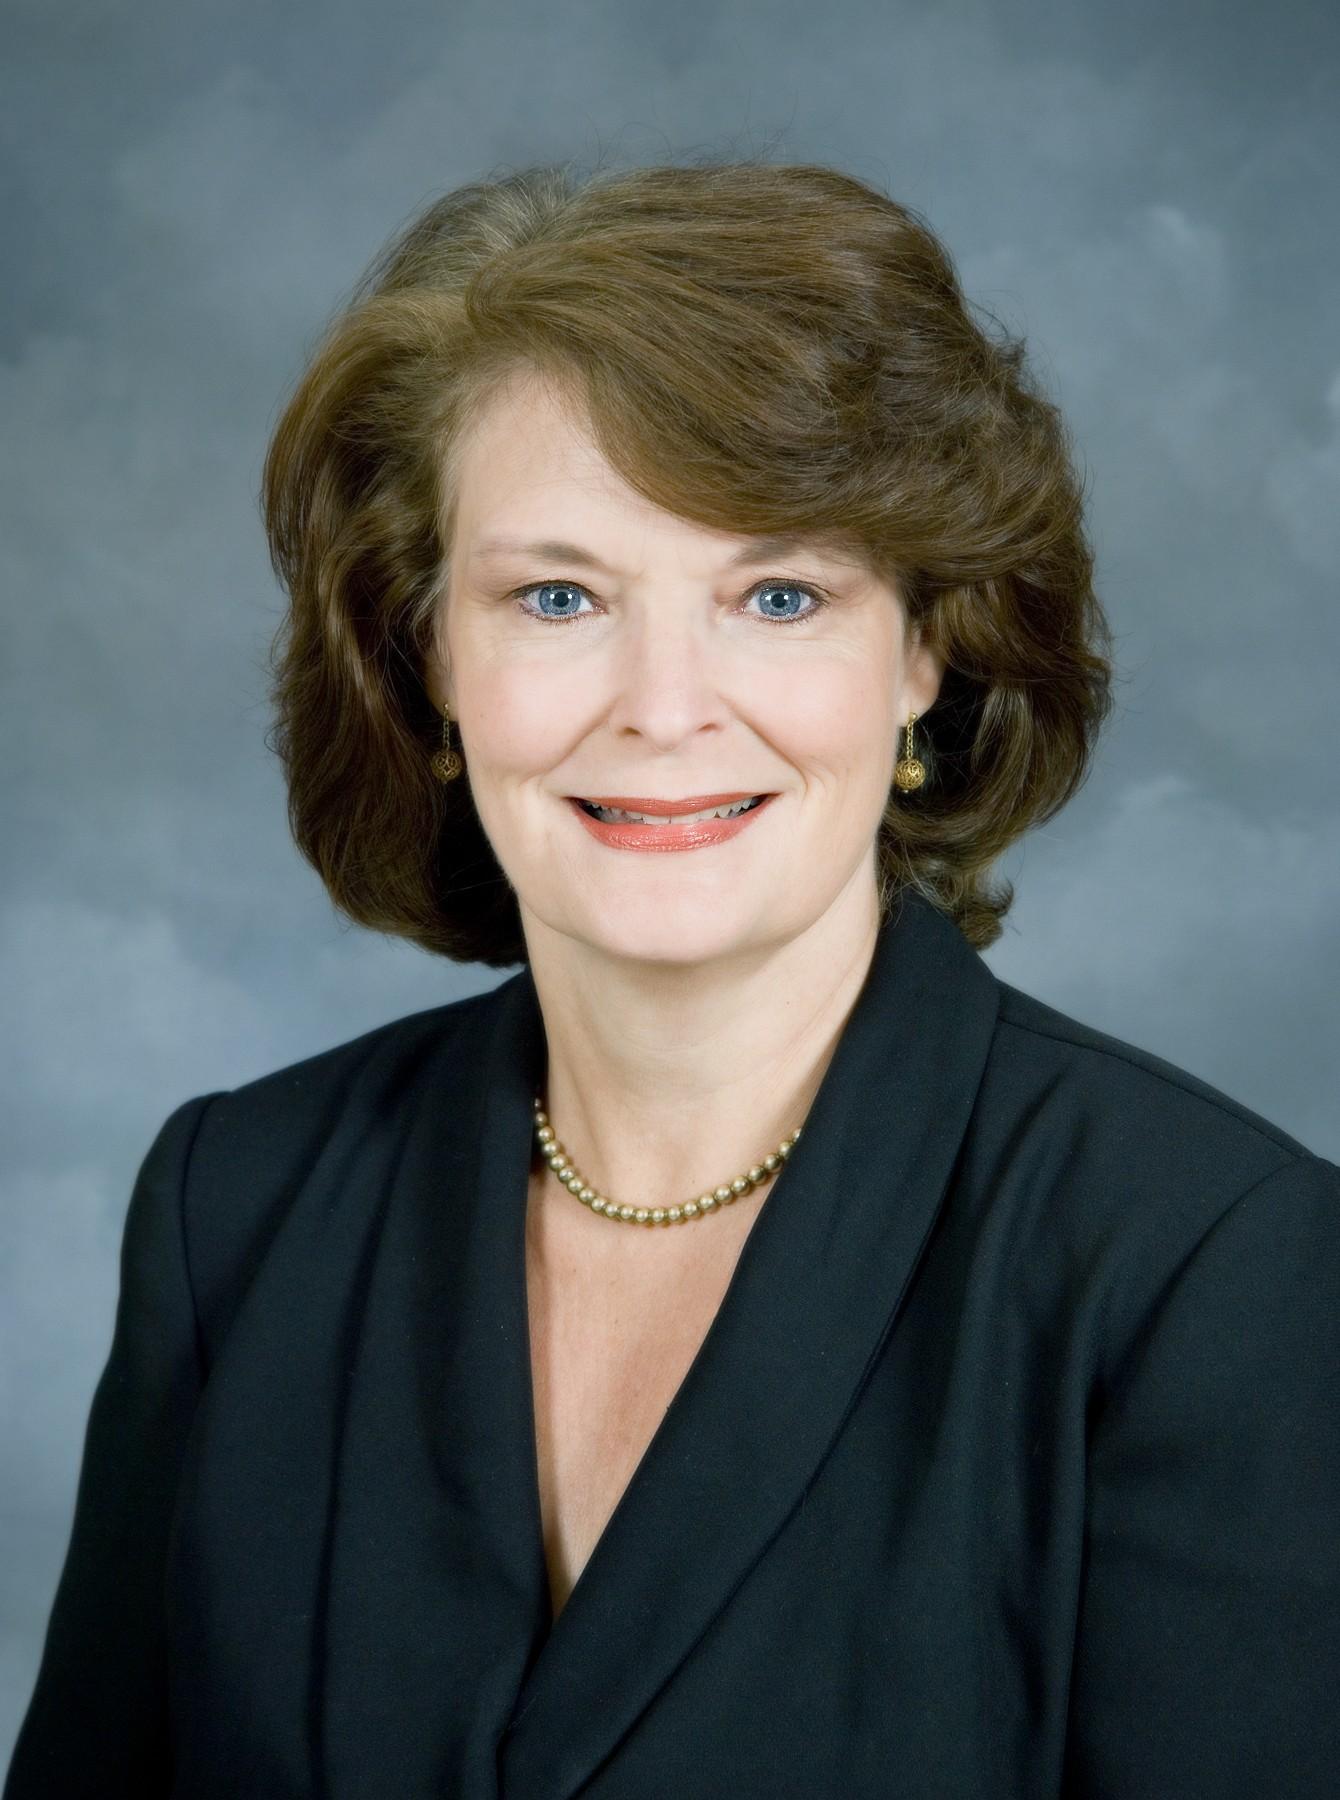 Dr. Beth Miller